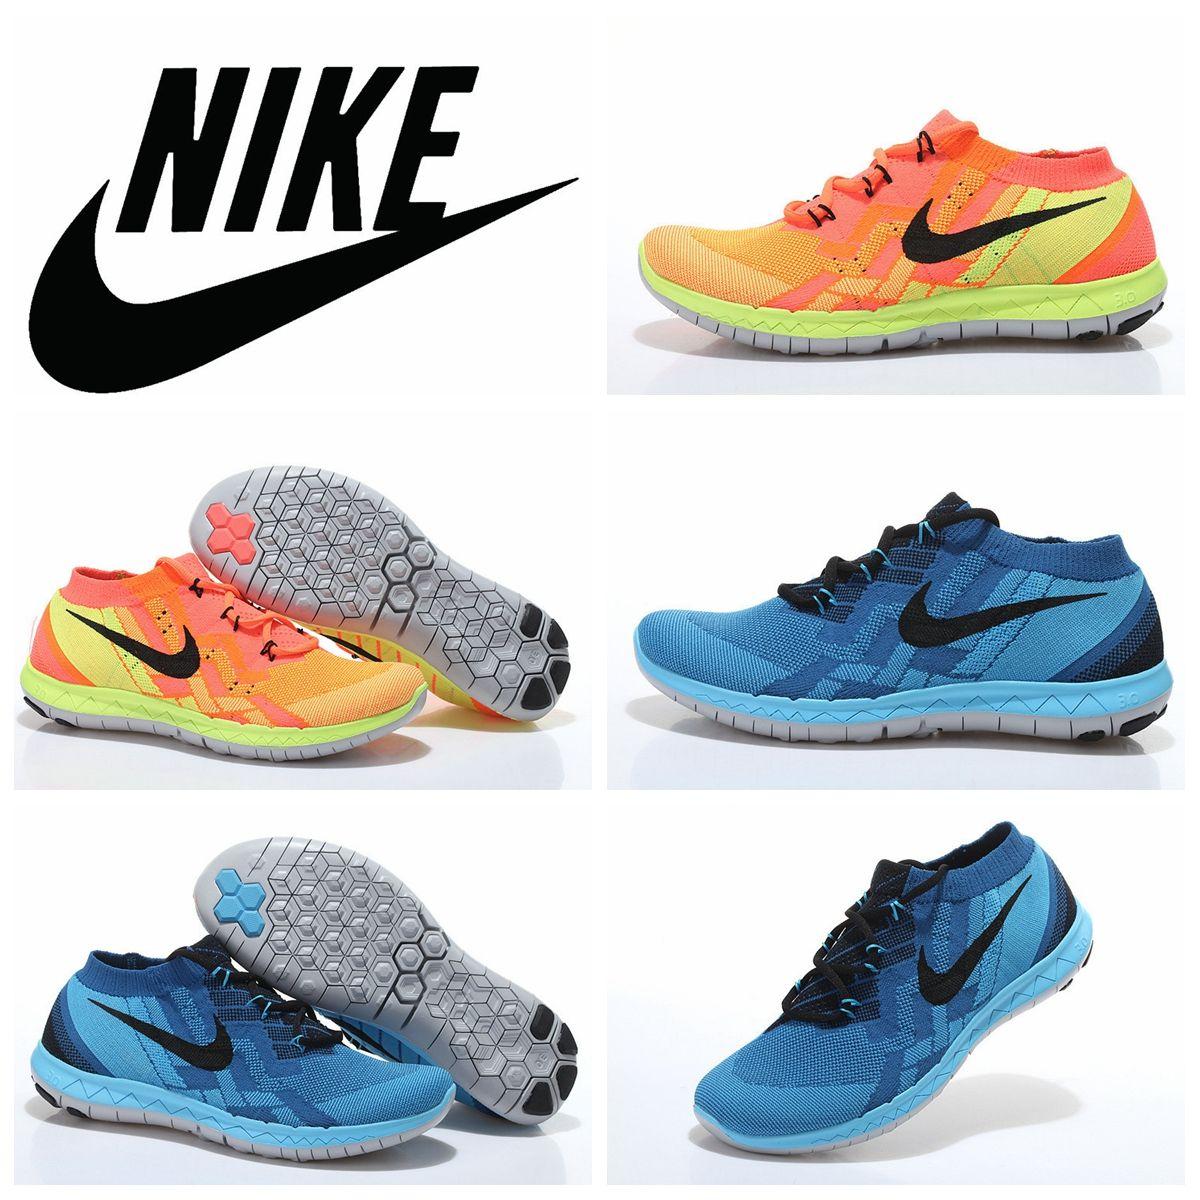 Compre Nike Free De V2 Flyknit Zapatos Corrientes De Free Los Hombres 4f3ded